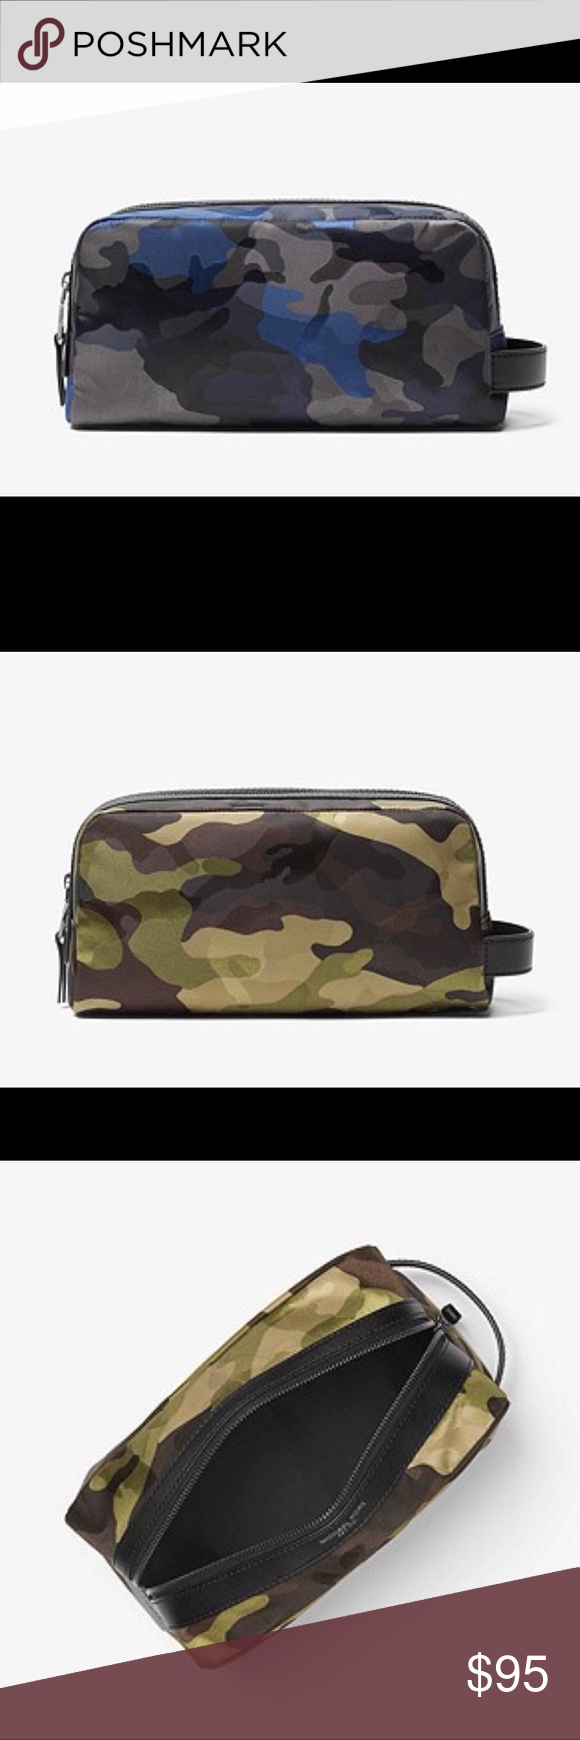 4e68d1f2c61d0 Michael Kors Men s Kent Camo Nylon Travel Bag Michael Kors Men s Kent  Camouflage Nylon Travel Bag Michael Kors Bags Luggage   Travel Bags